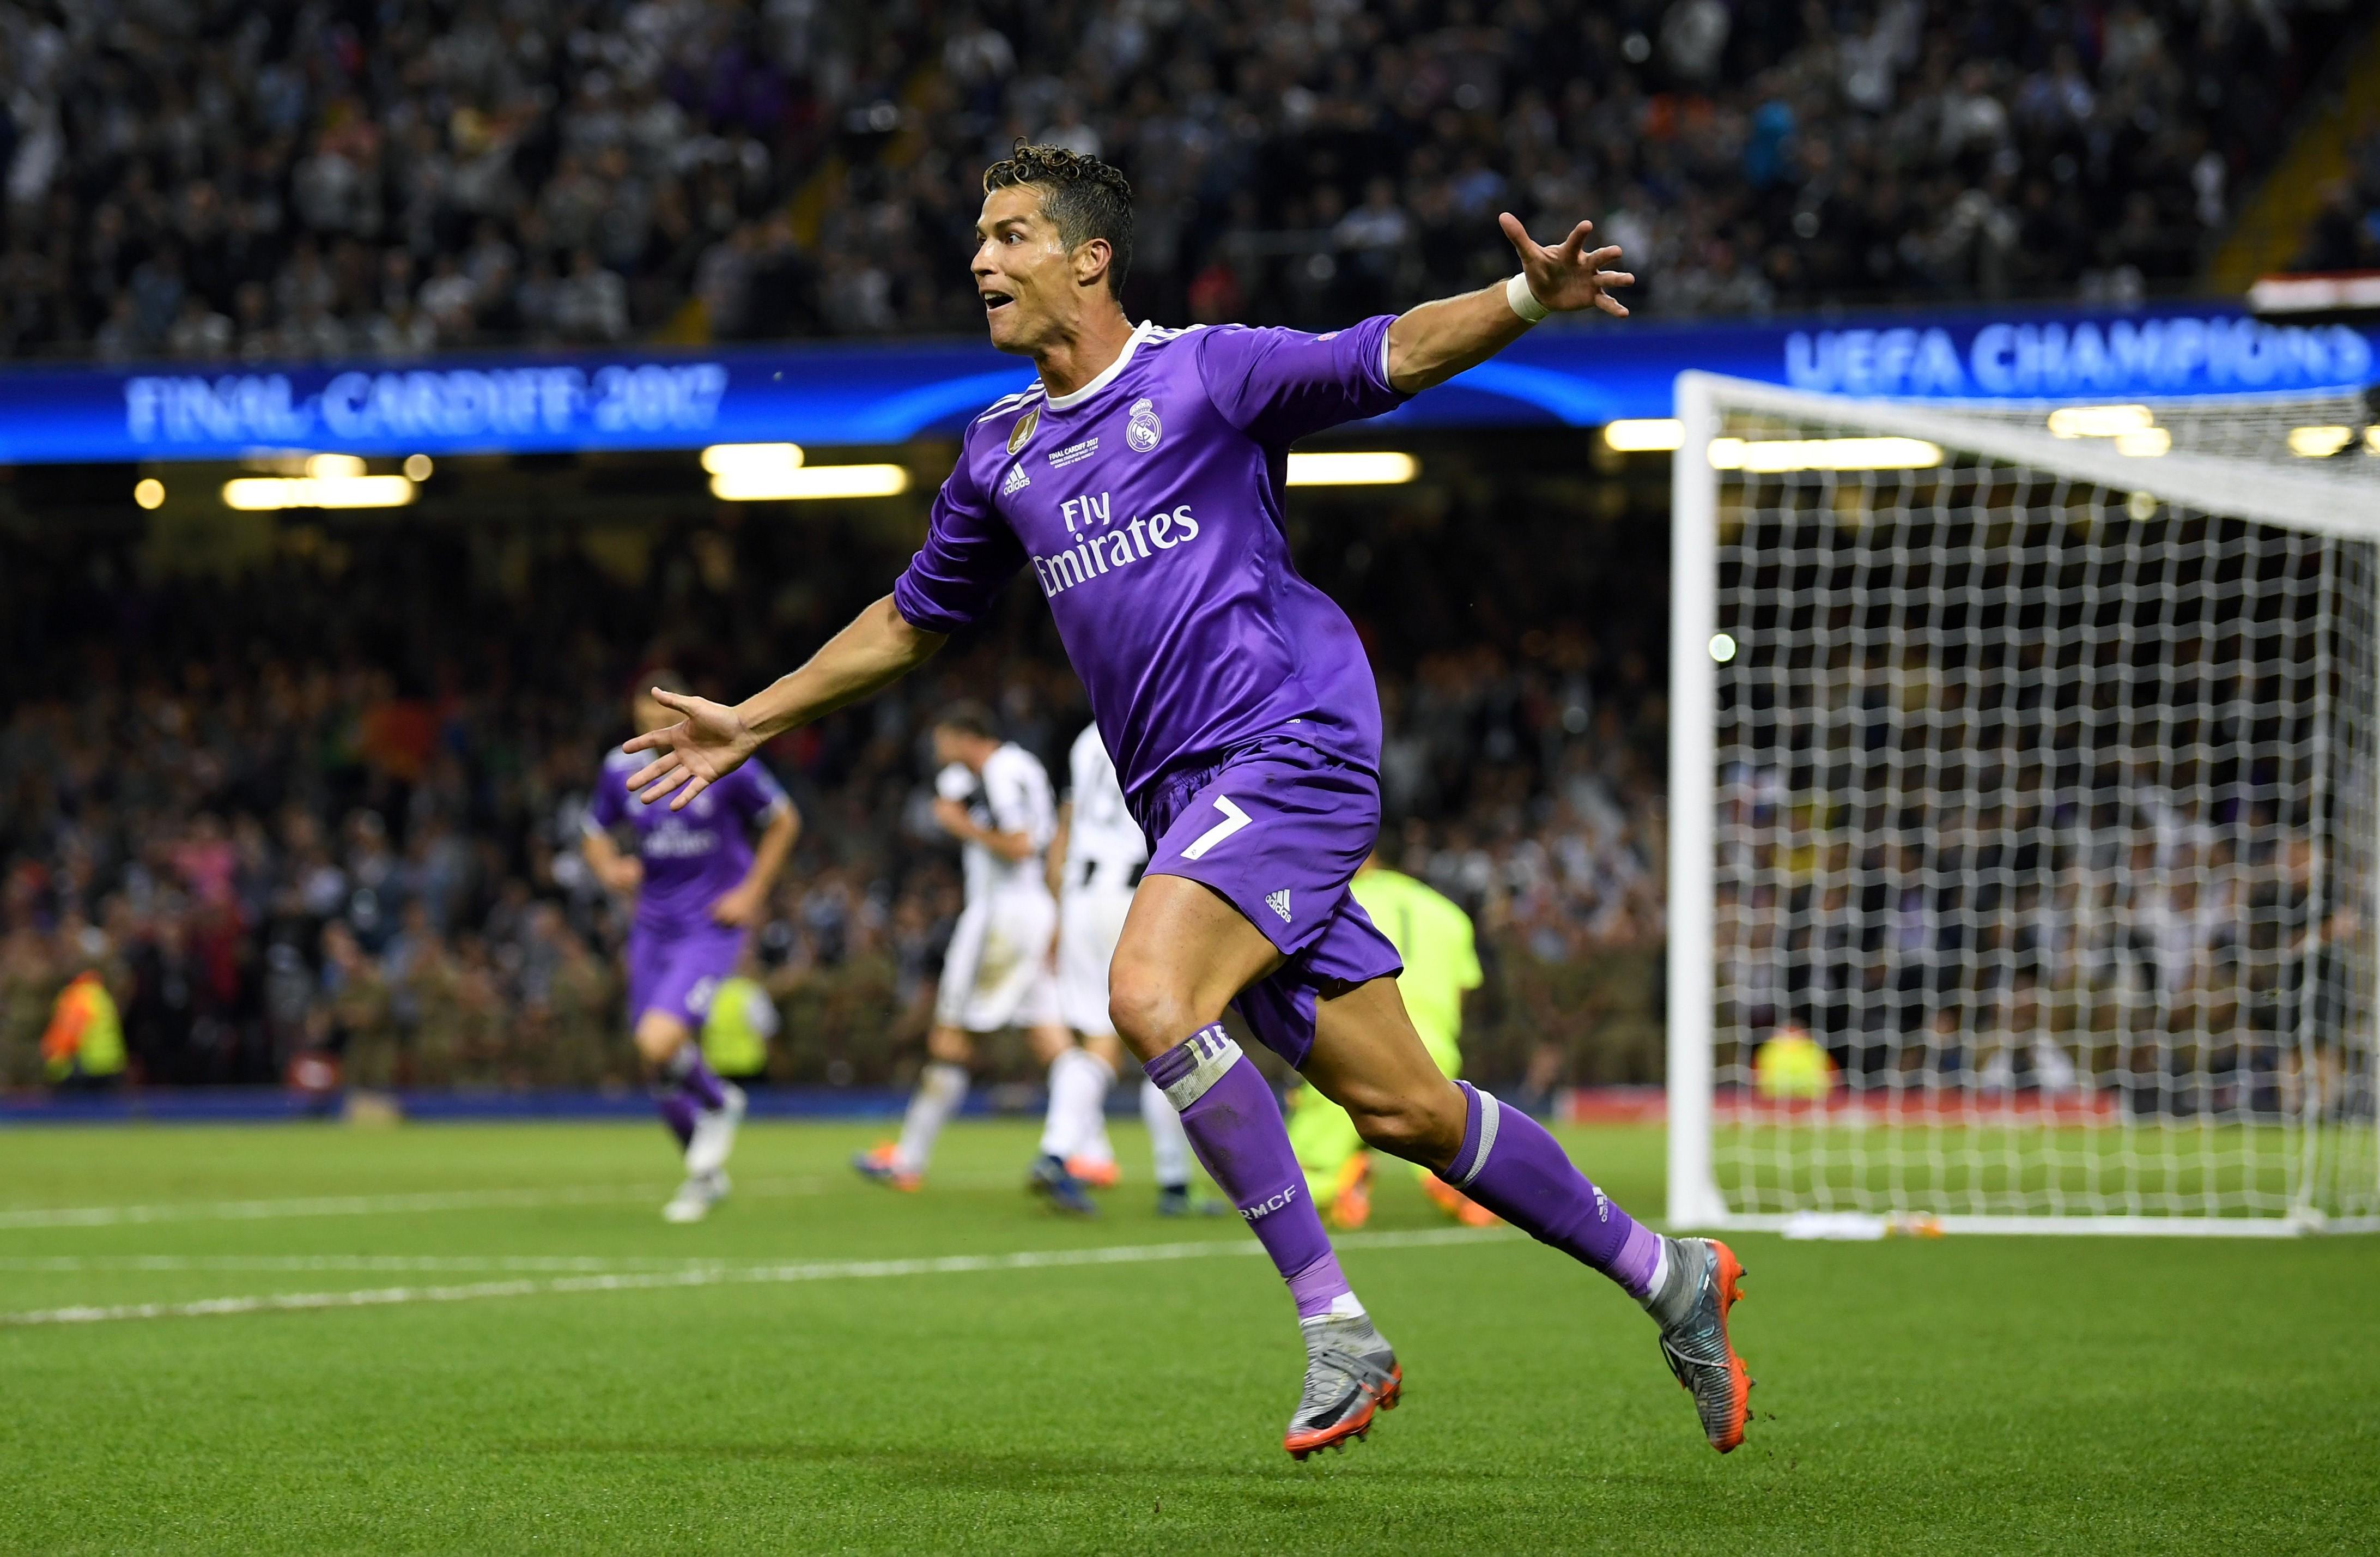 Форвард «Реал Мадрид» Криштиану Роналду забил 600-й гол в карьере